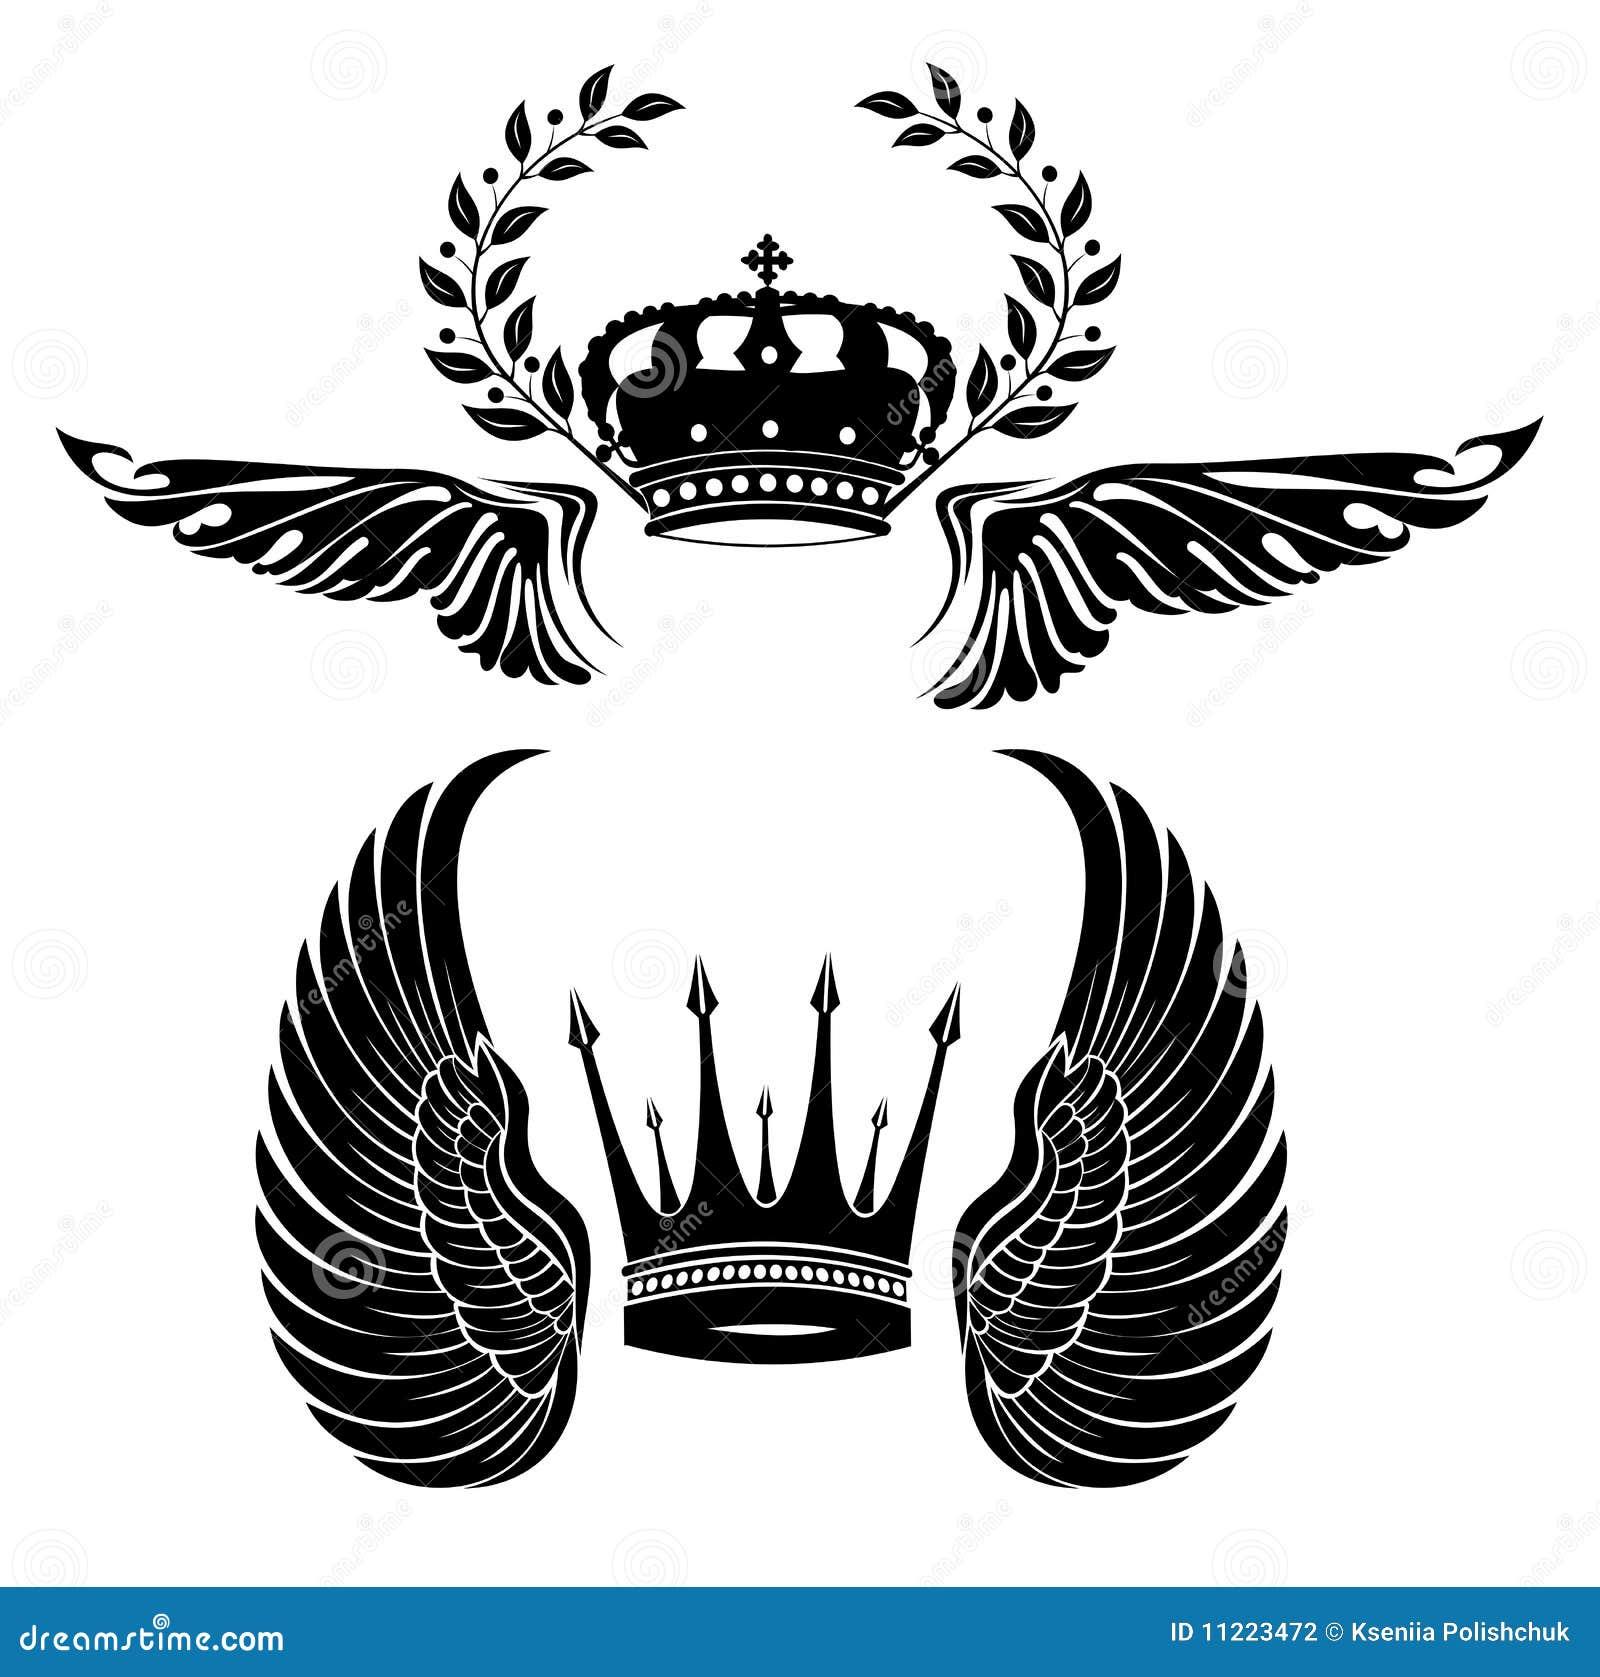 Tribal Crown With Wings Crown wings royal black branch